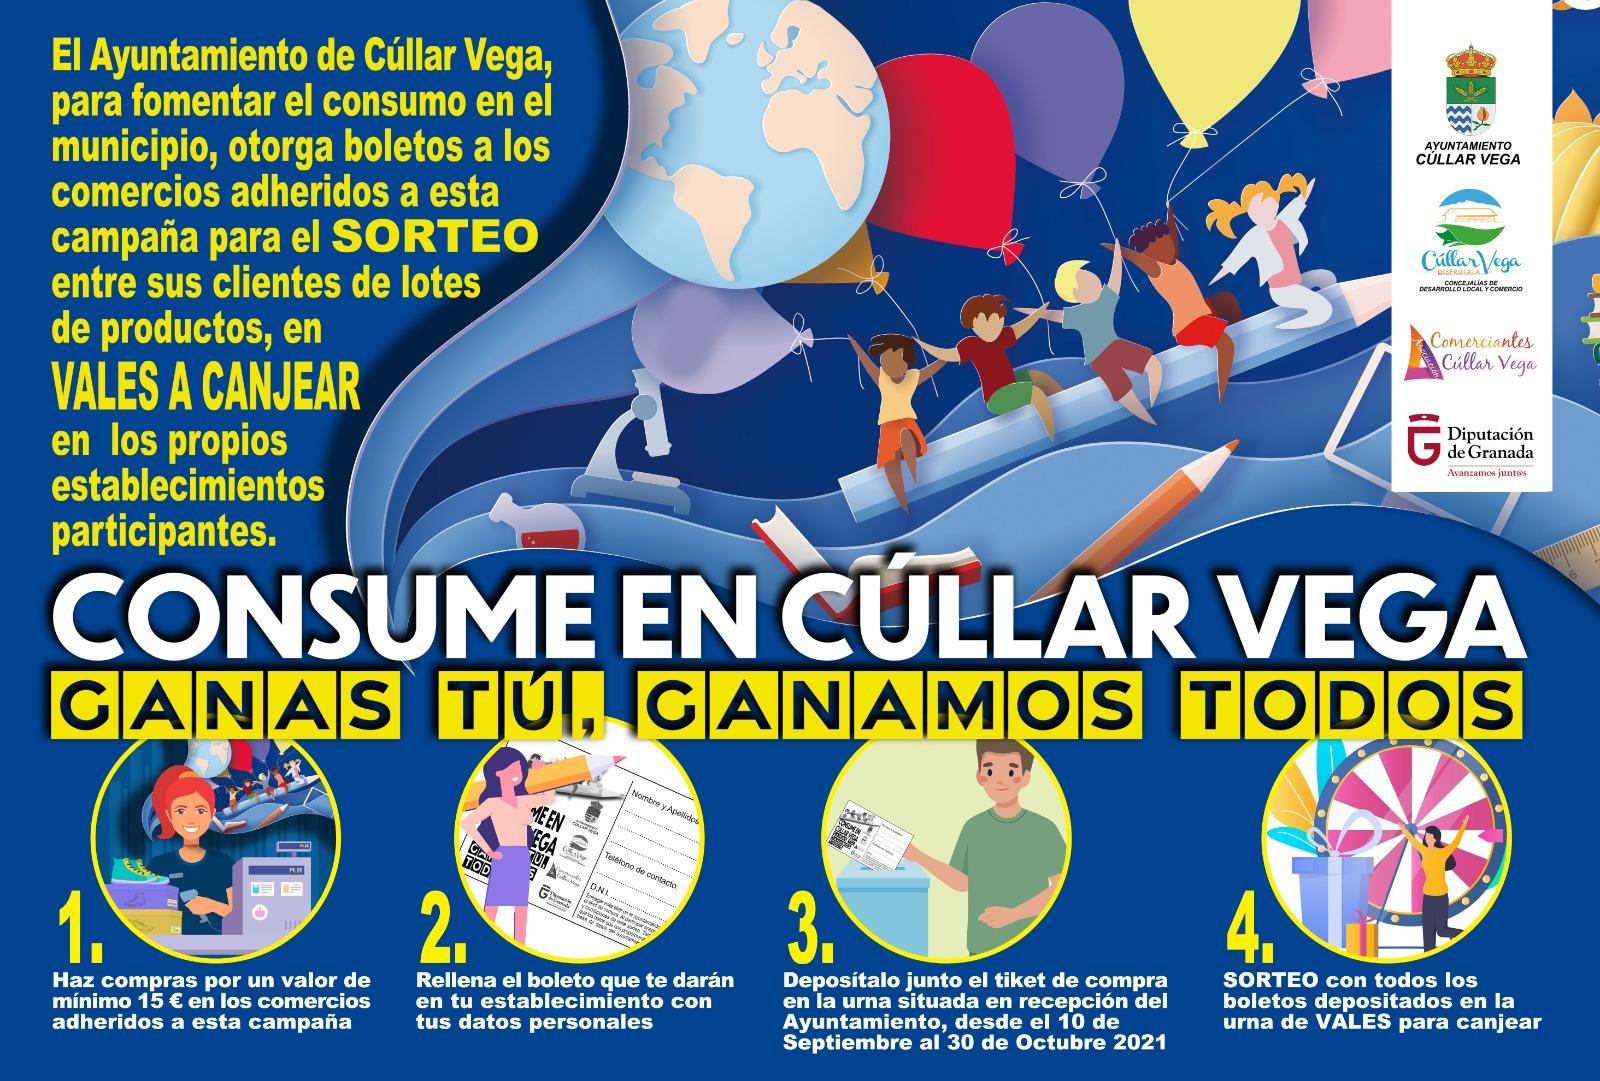 Cúllar Vega sorteará 11.500 euros en regalos entre aquellos vecinos que hagan sus compras en el pueblo